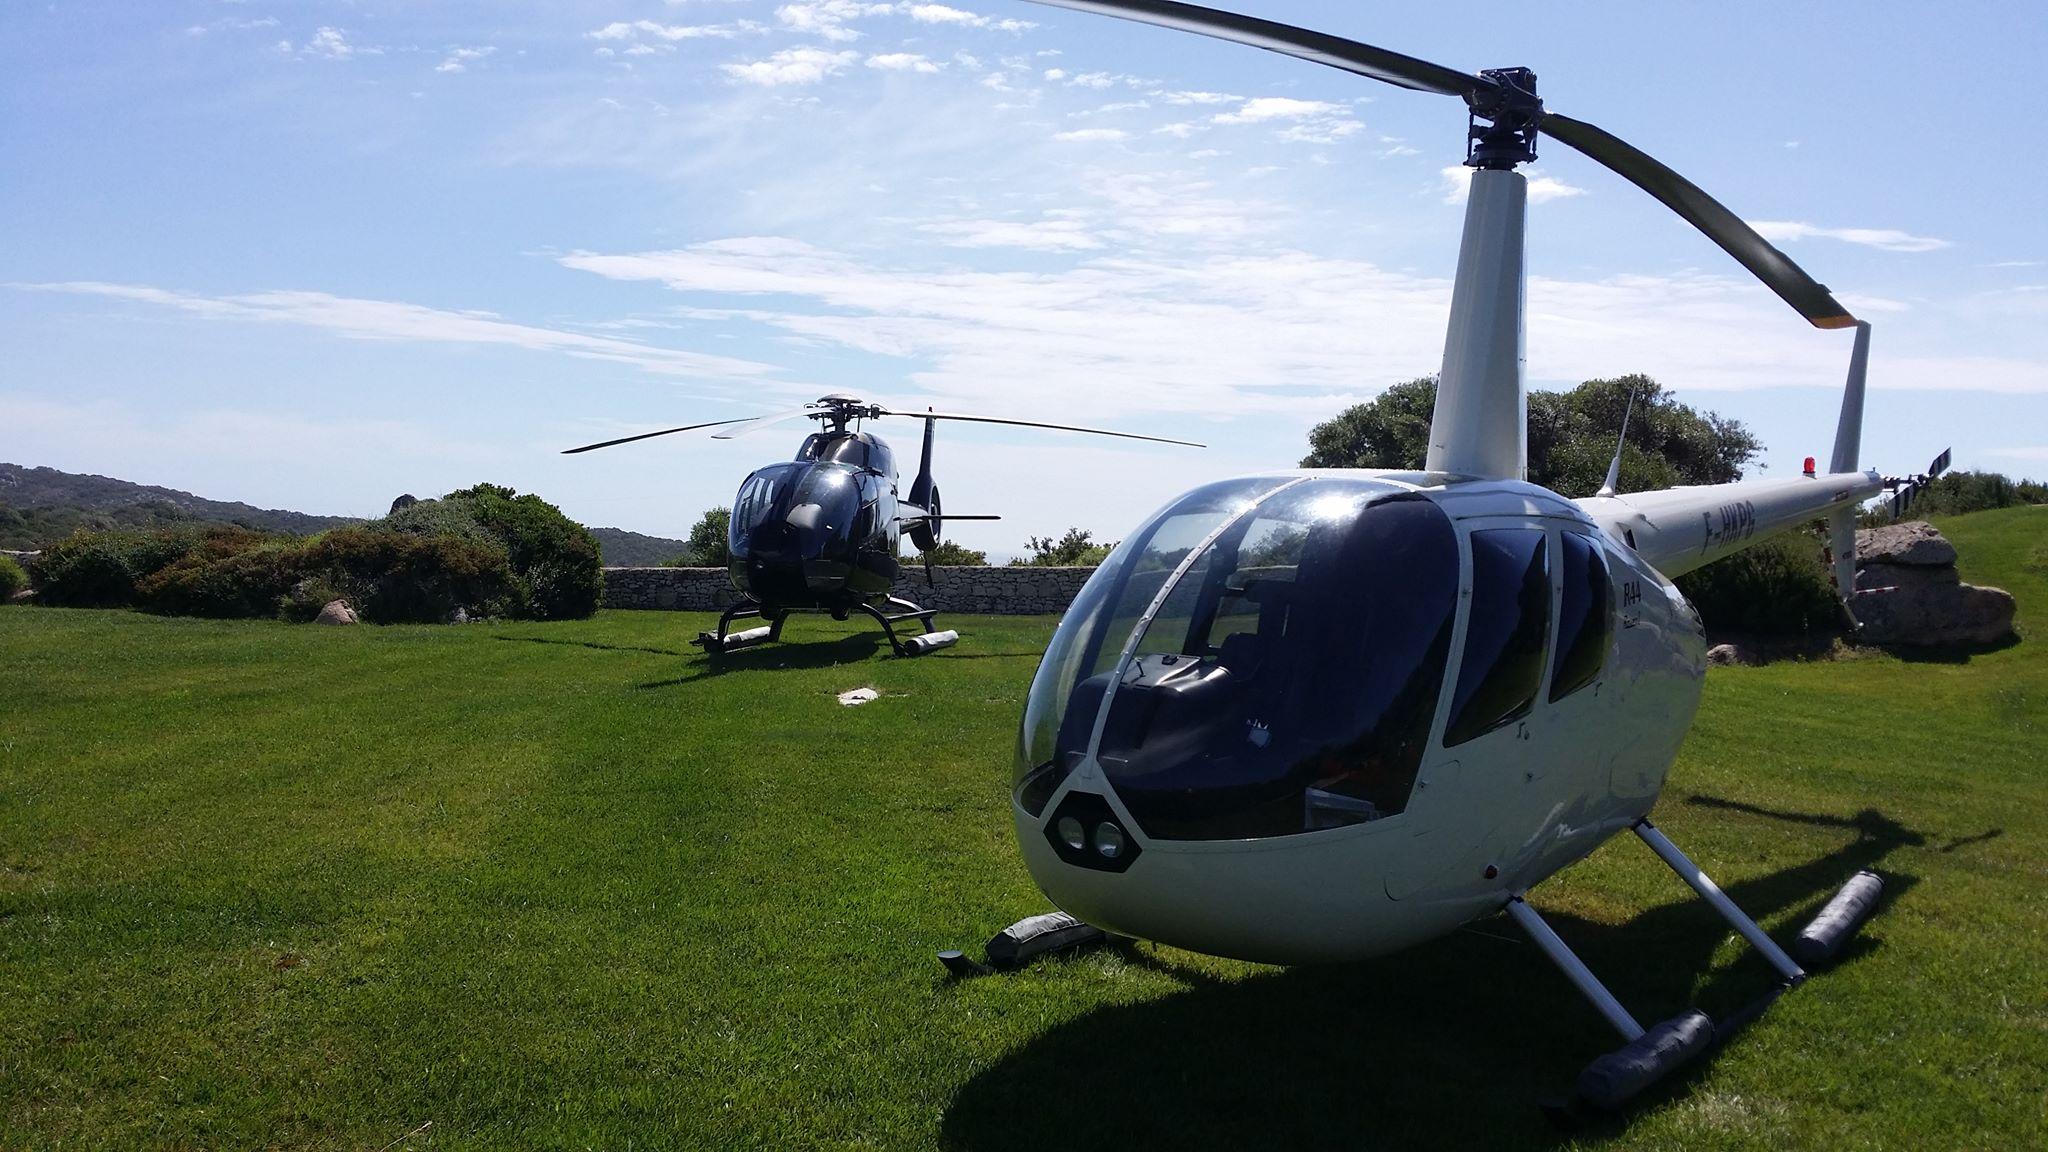 R44 blanc et EC1200 posés dans un jardin pour séminaire